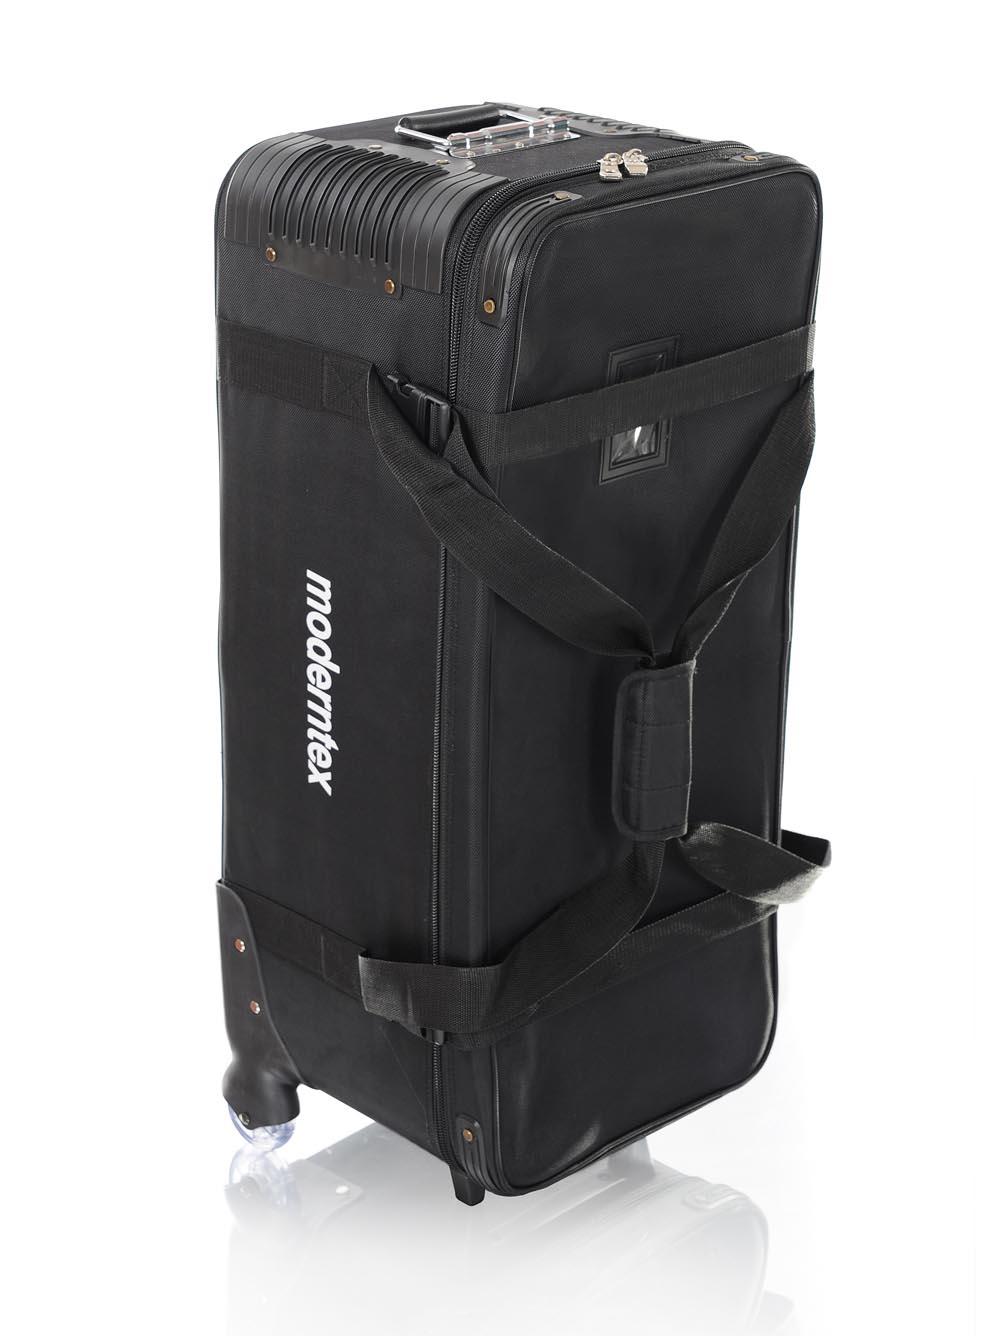 Trolley, Fotoausrüstung, Fotokoffer, moderntex